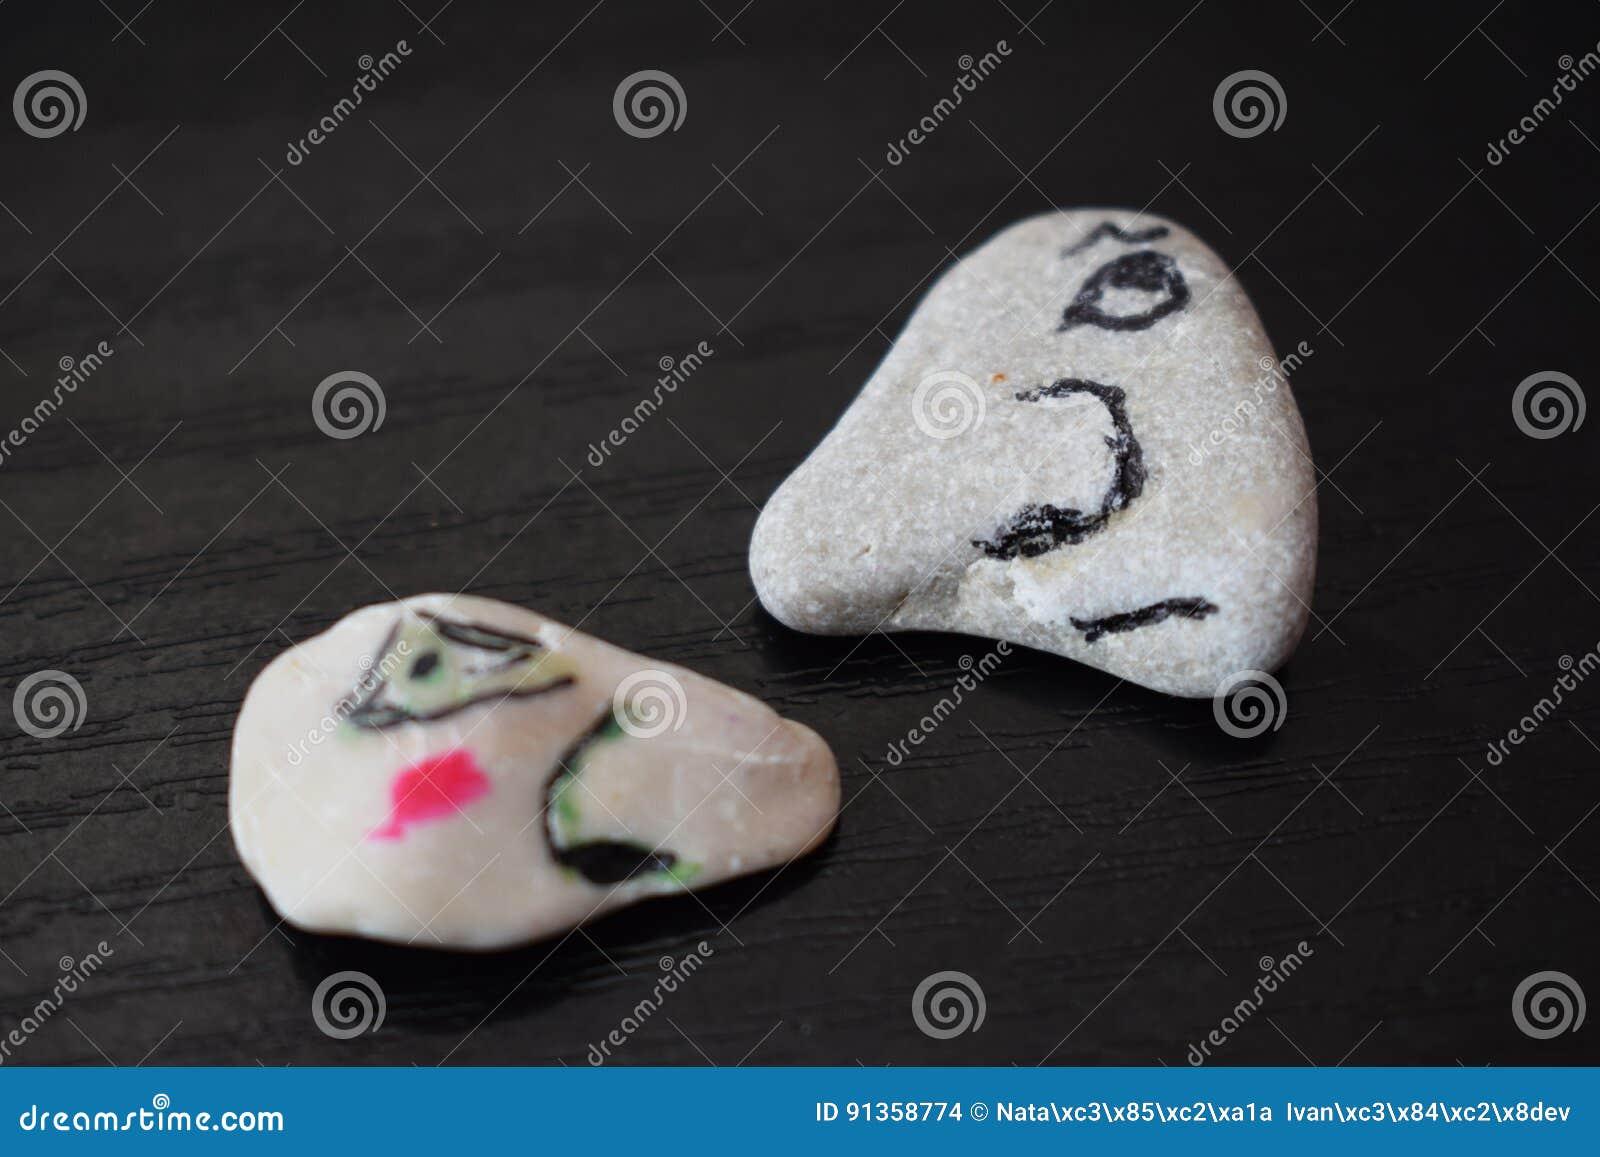 Cara de piedra, una hacia la otra